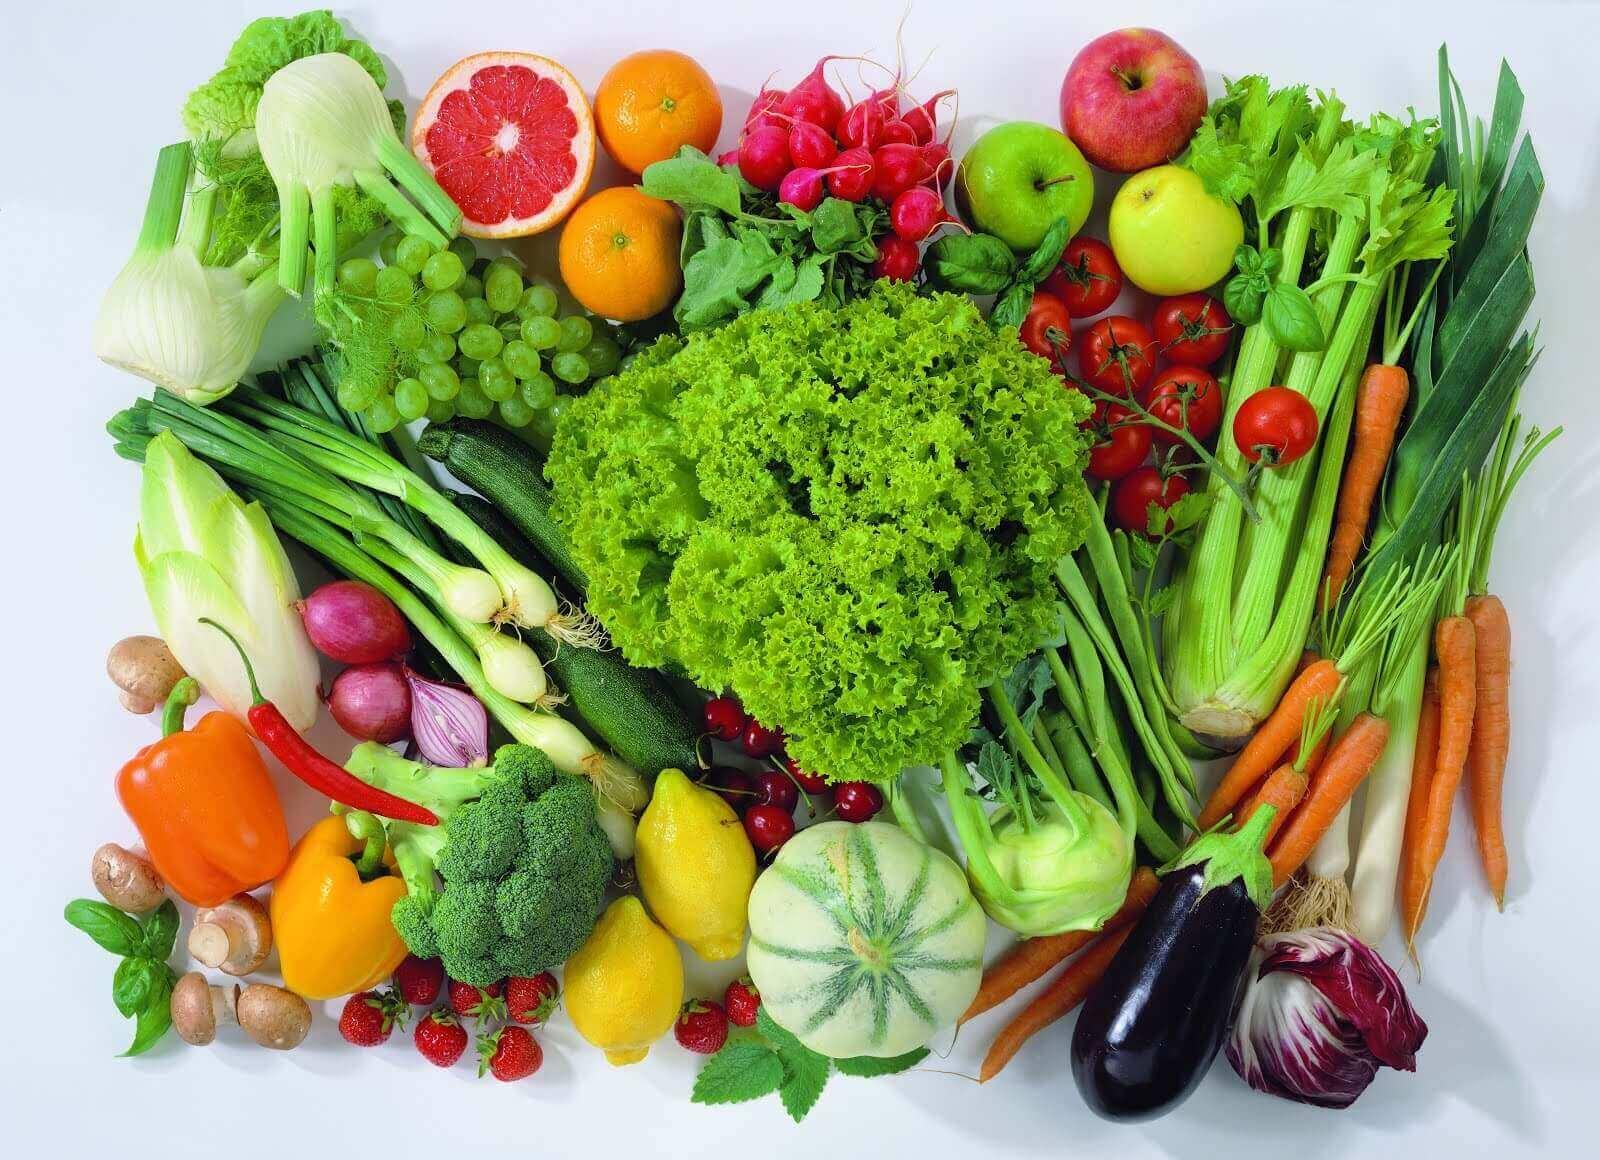 체중 감량을 위한 균형잡힌 식단